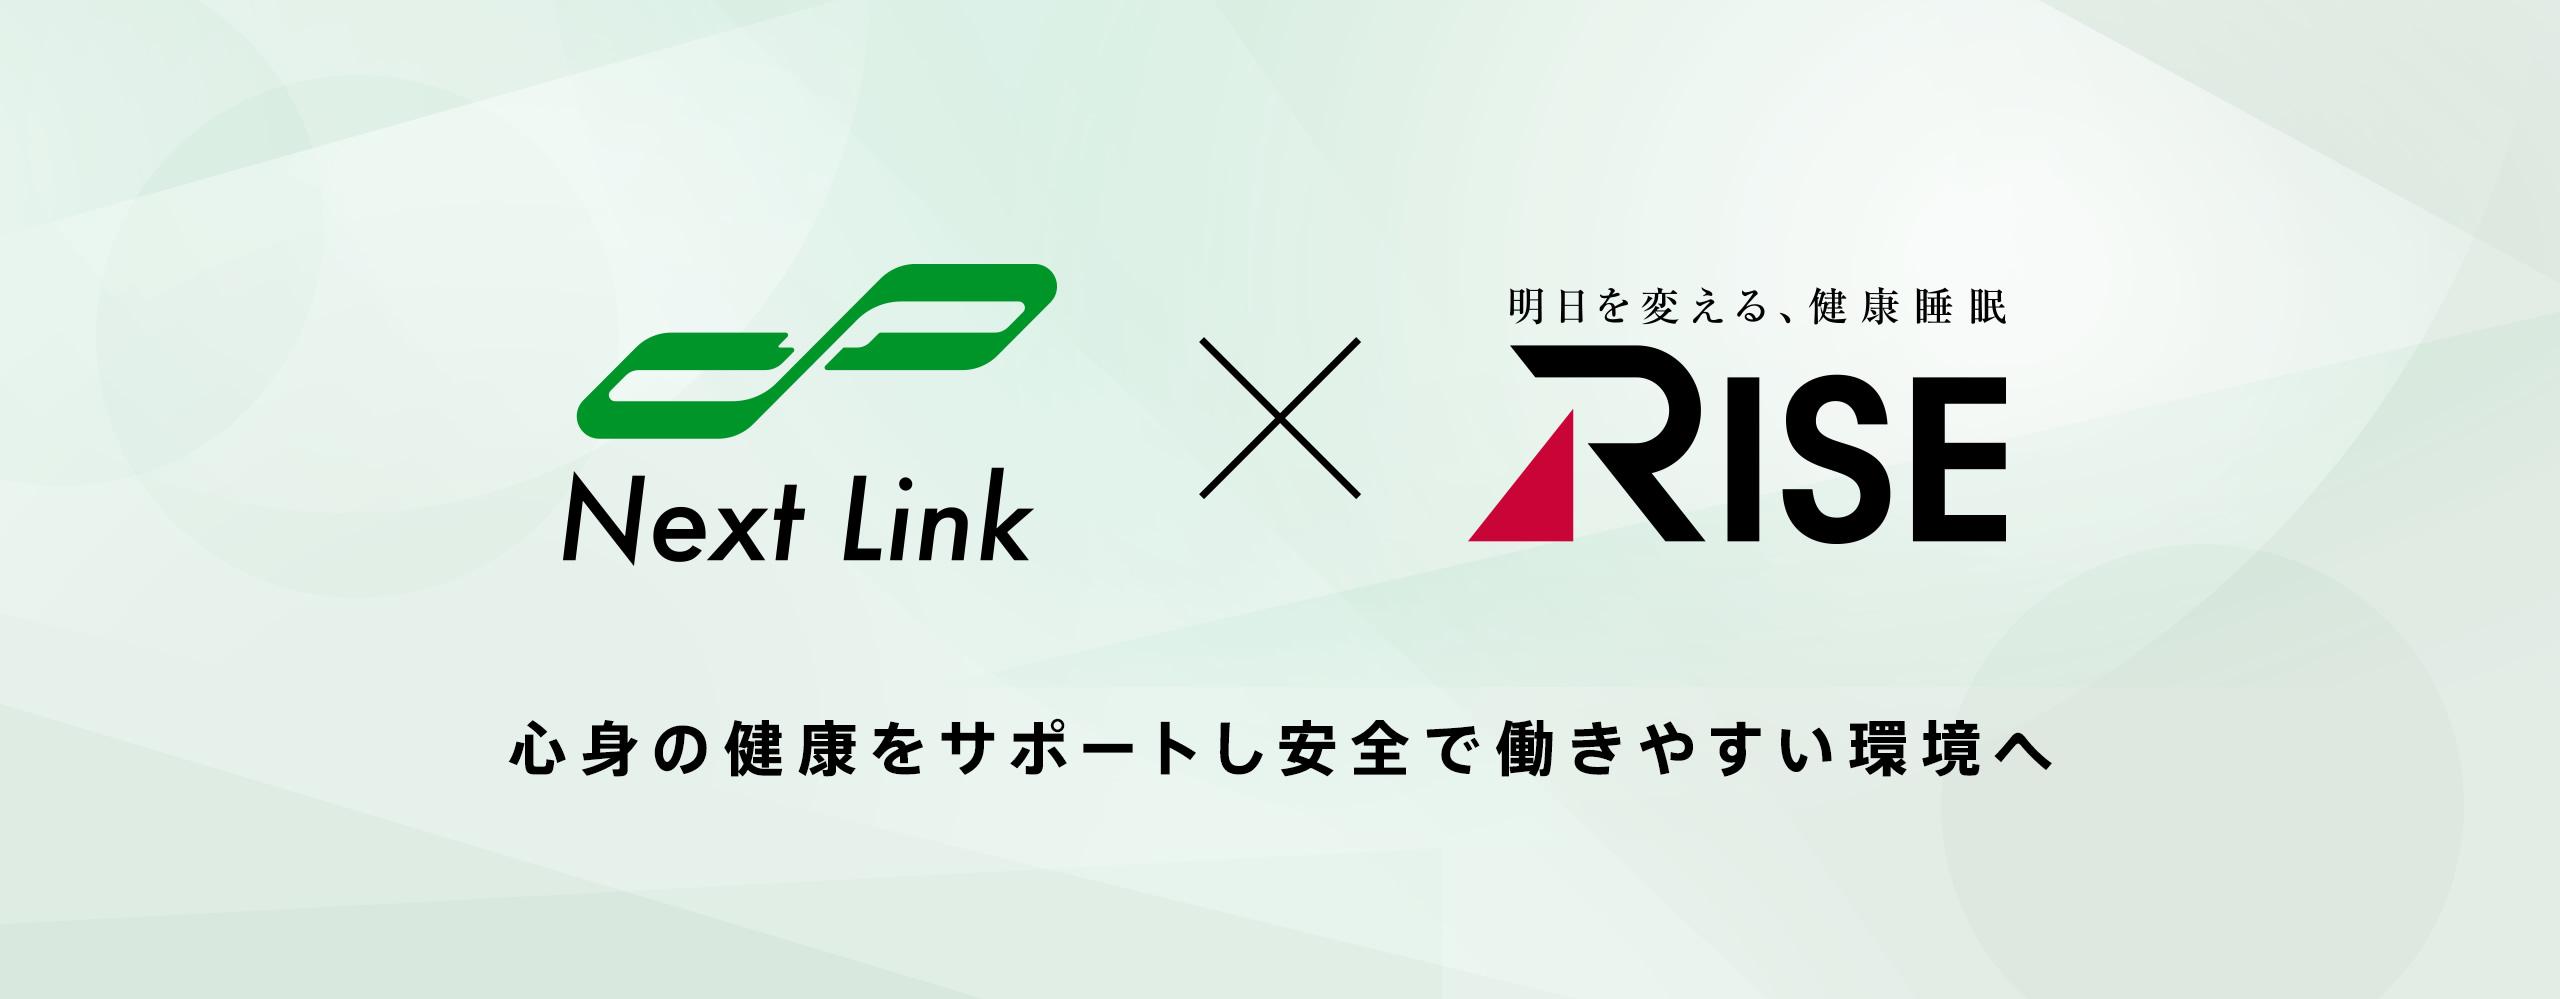 Next Link × 明日を買える、健康睡眠 Rise 心身の健康をサポートし安全で働きやすい環境へ